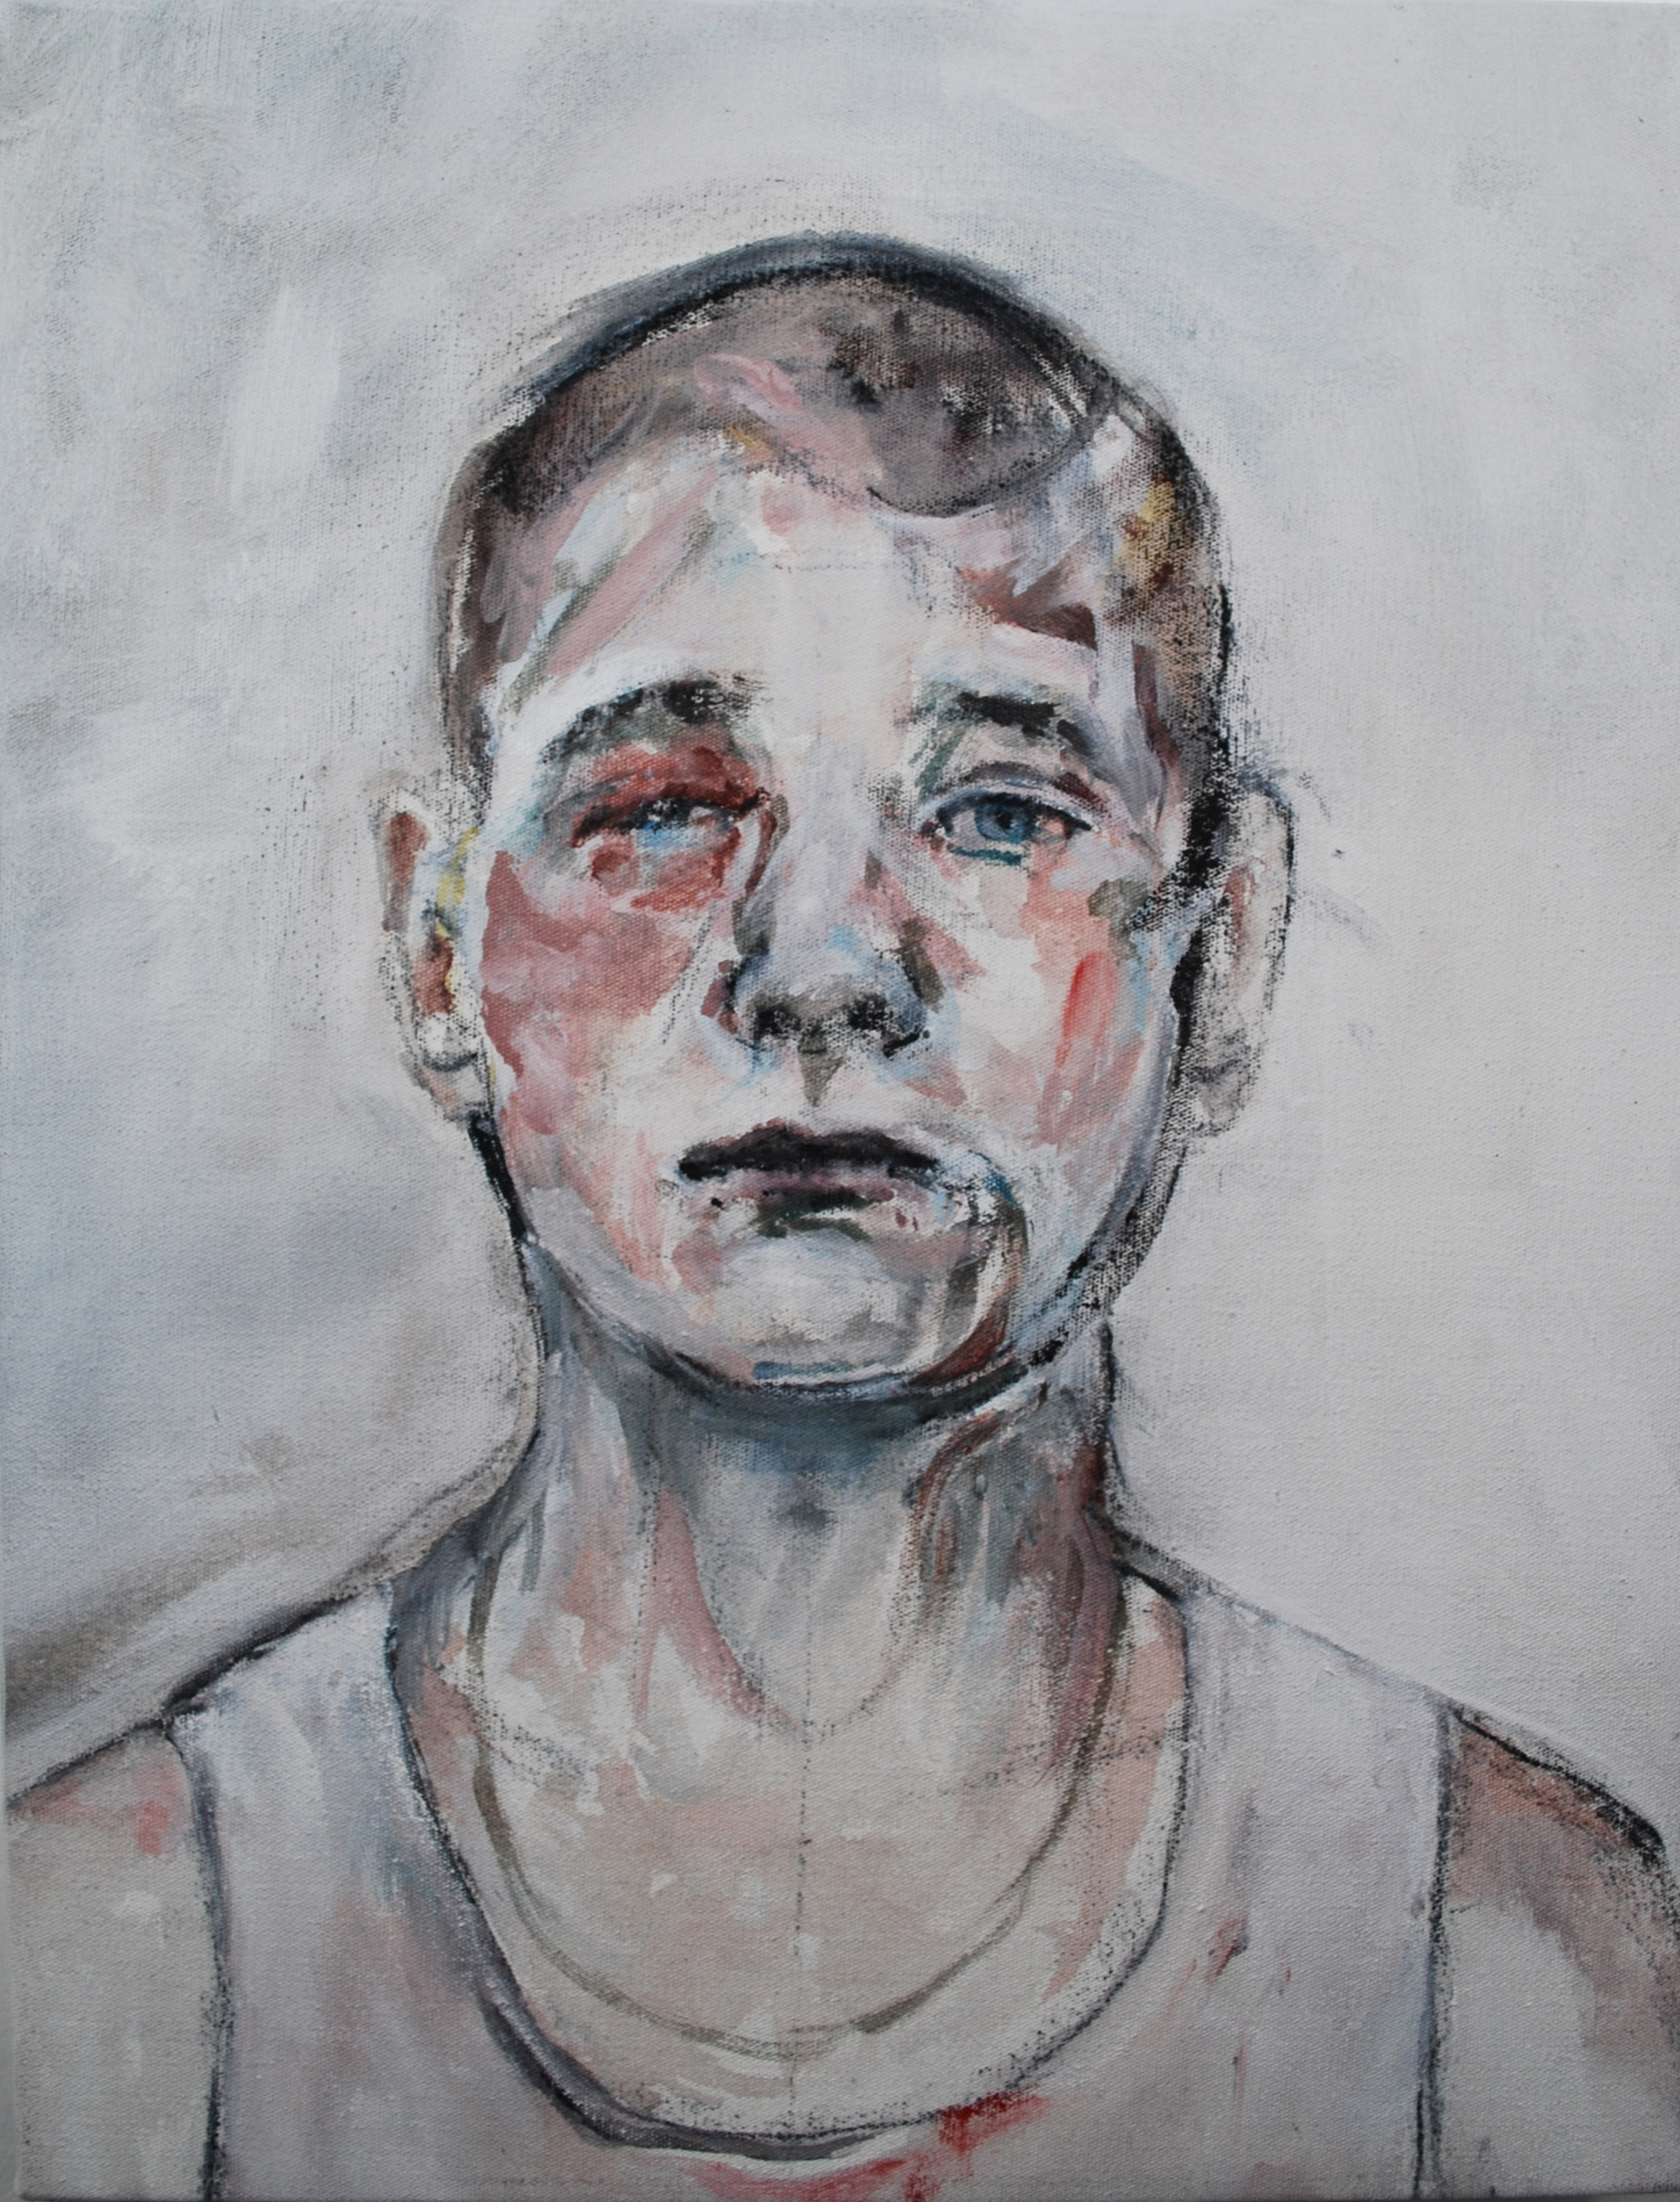 RIVAL, 2016, acrylique sur toile, 35 x 27 cm